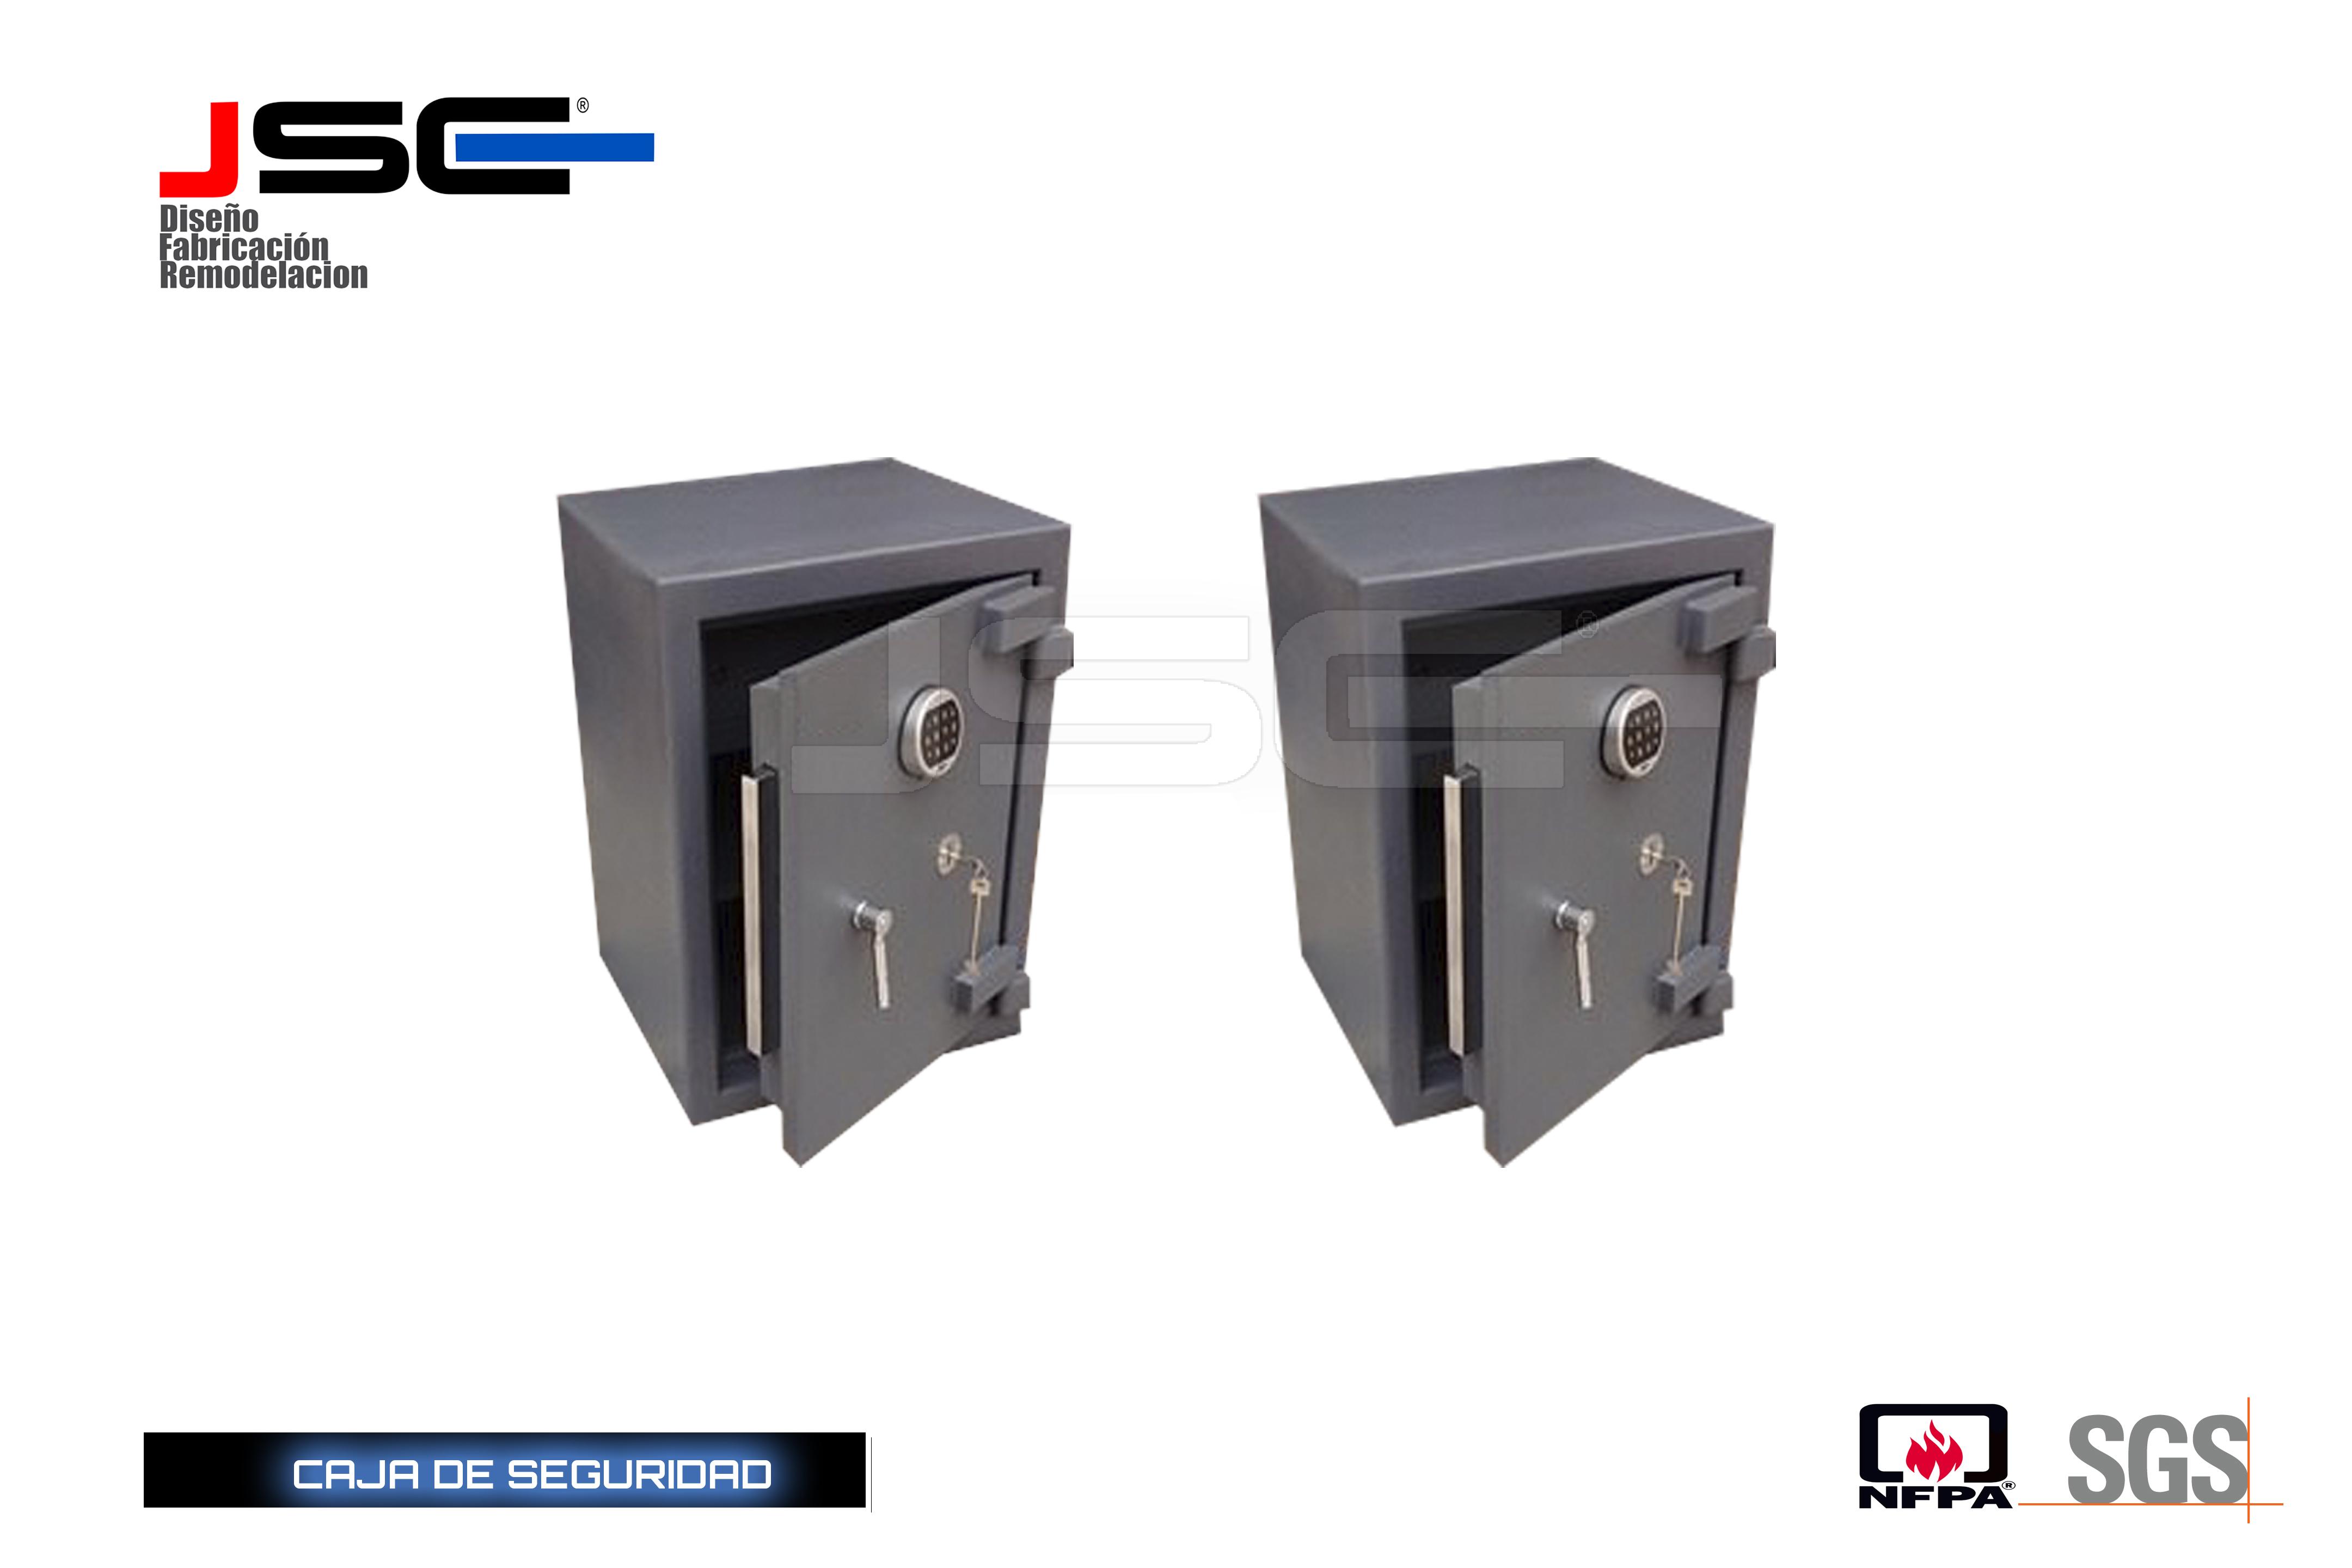 Caja de piso JSCP014